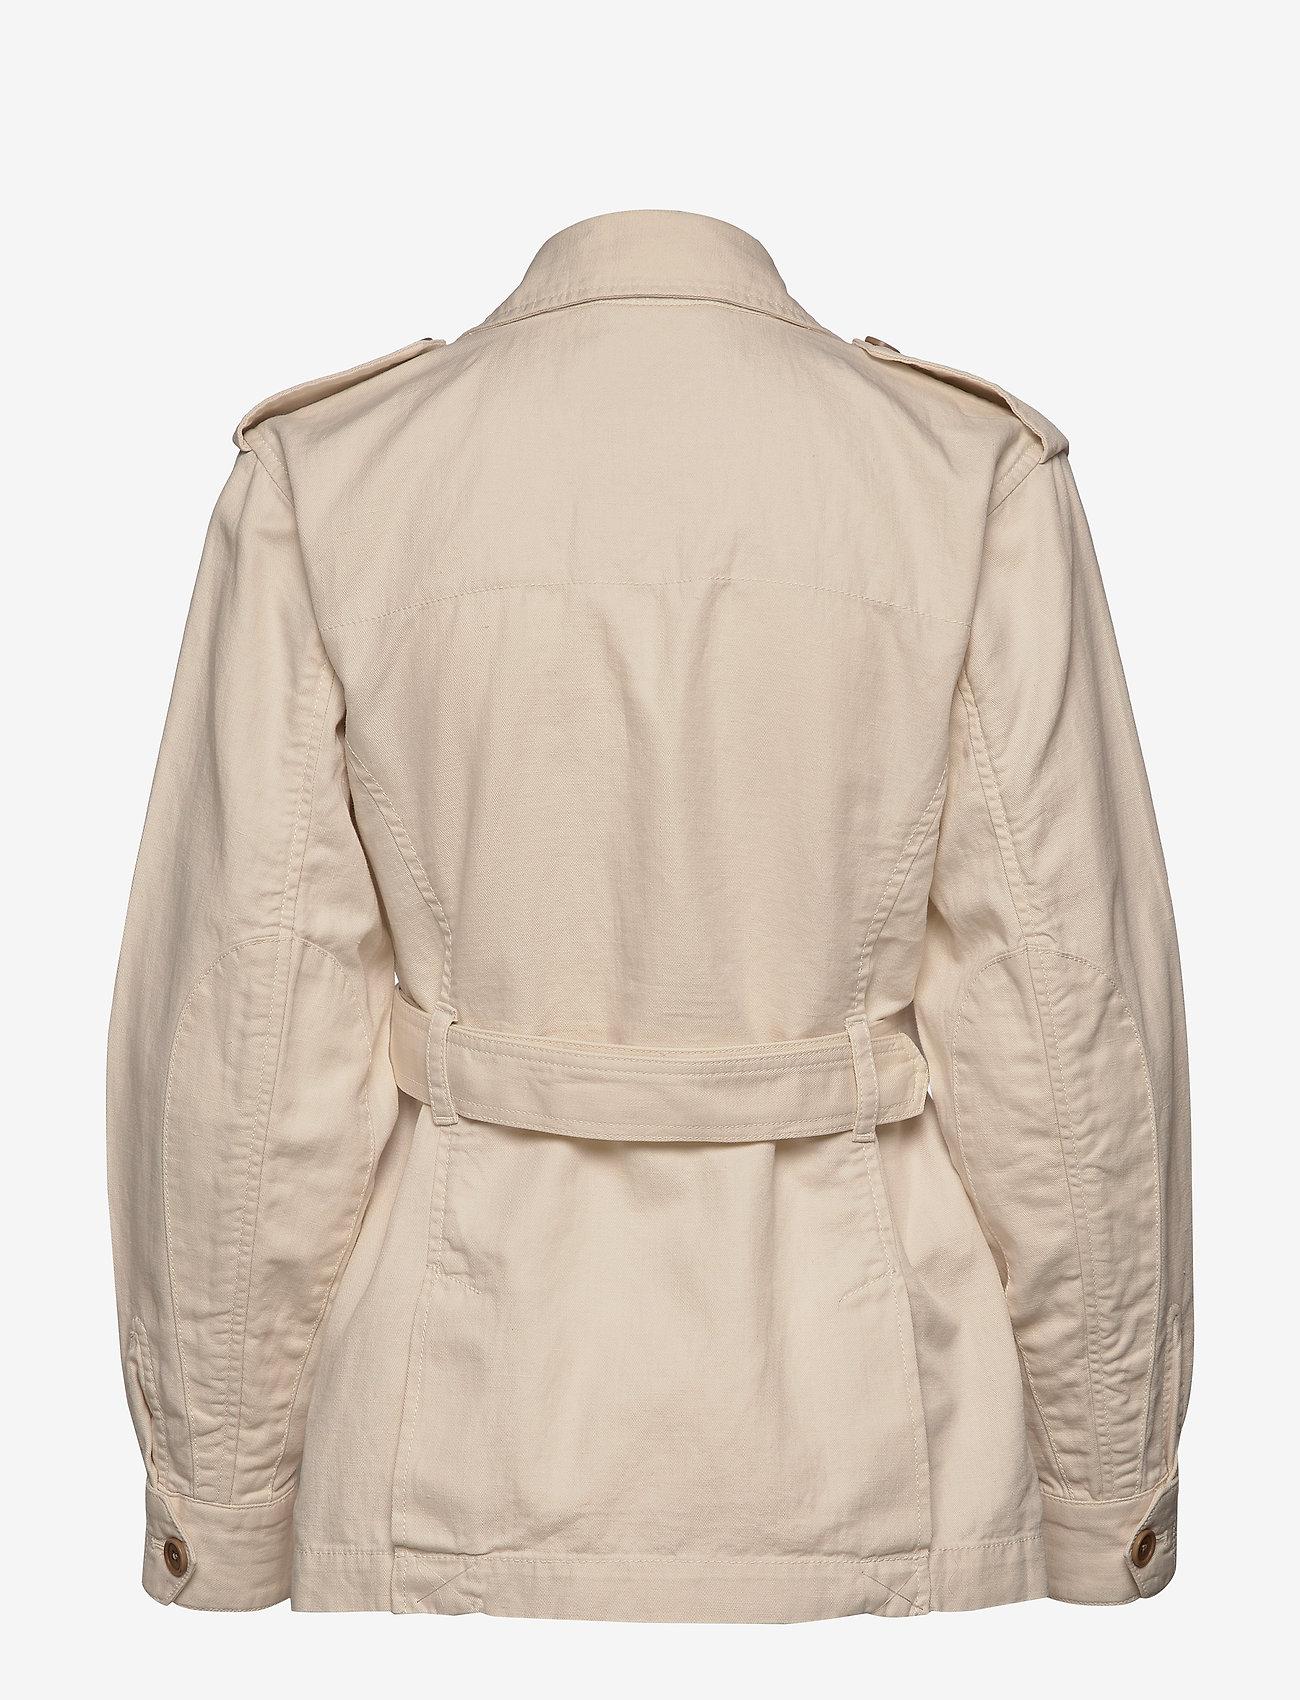 Banana Republic Heritage Cotton-linen Safari Jacket - Vestes Et Manteaux